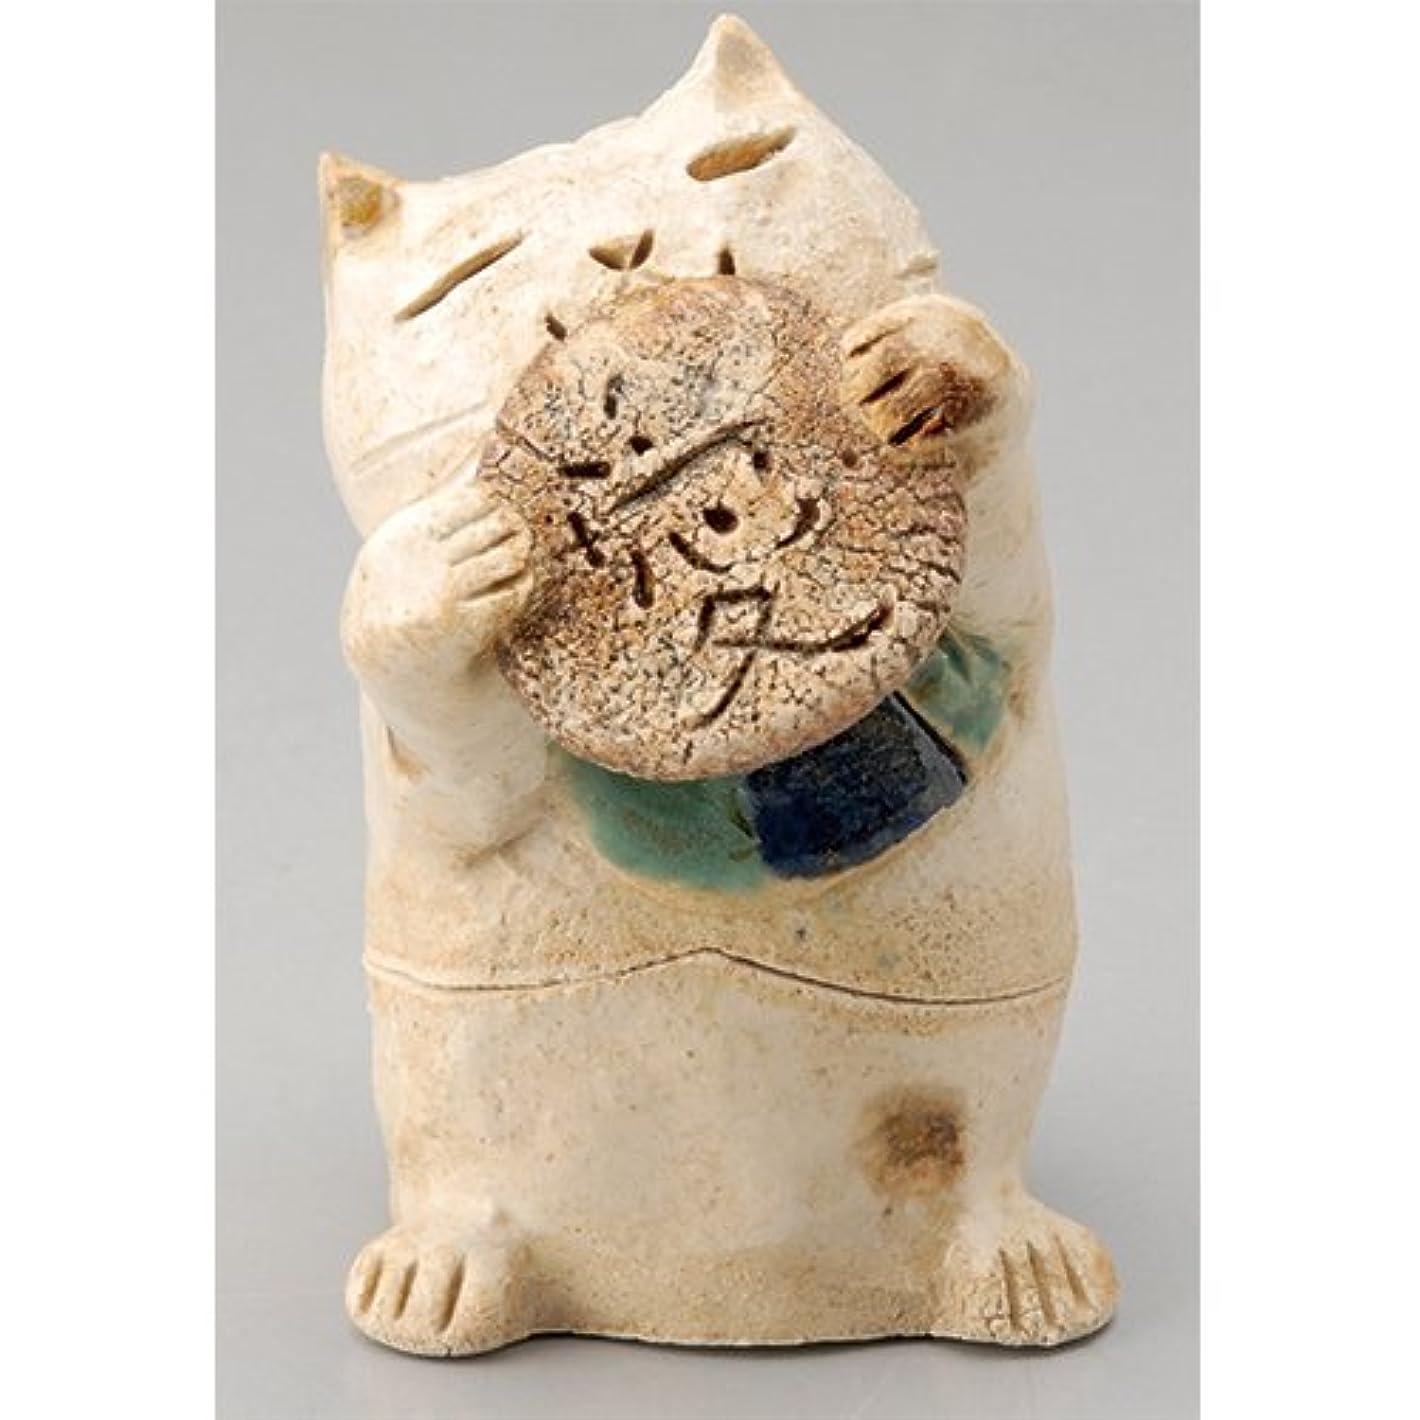 全員土曜日品種香炉 ごえん猫 香炉(愛) [H8cm] HANDMADE プレゼント ギフト 和食器 かわいい インテリア